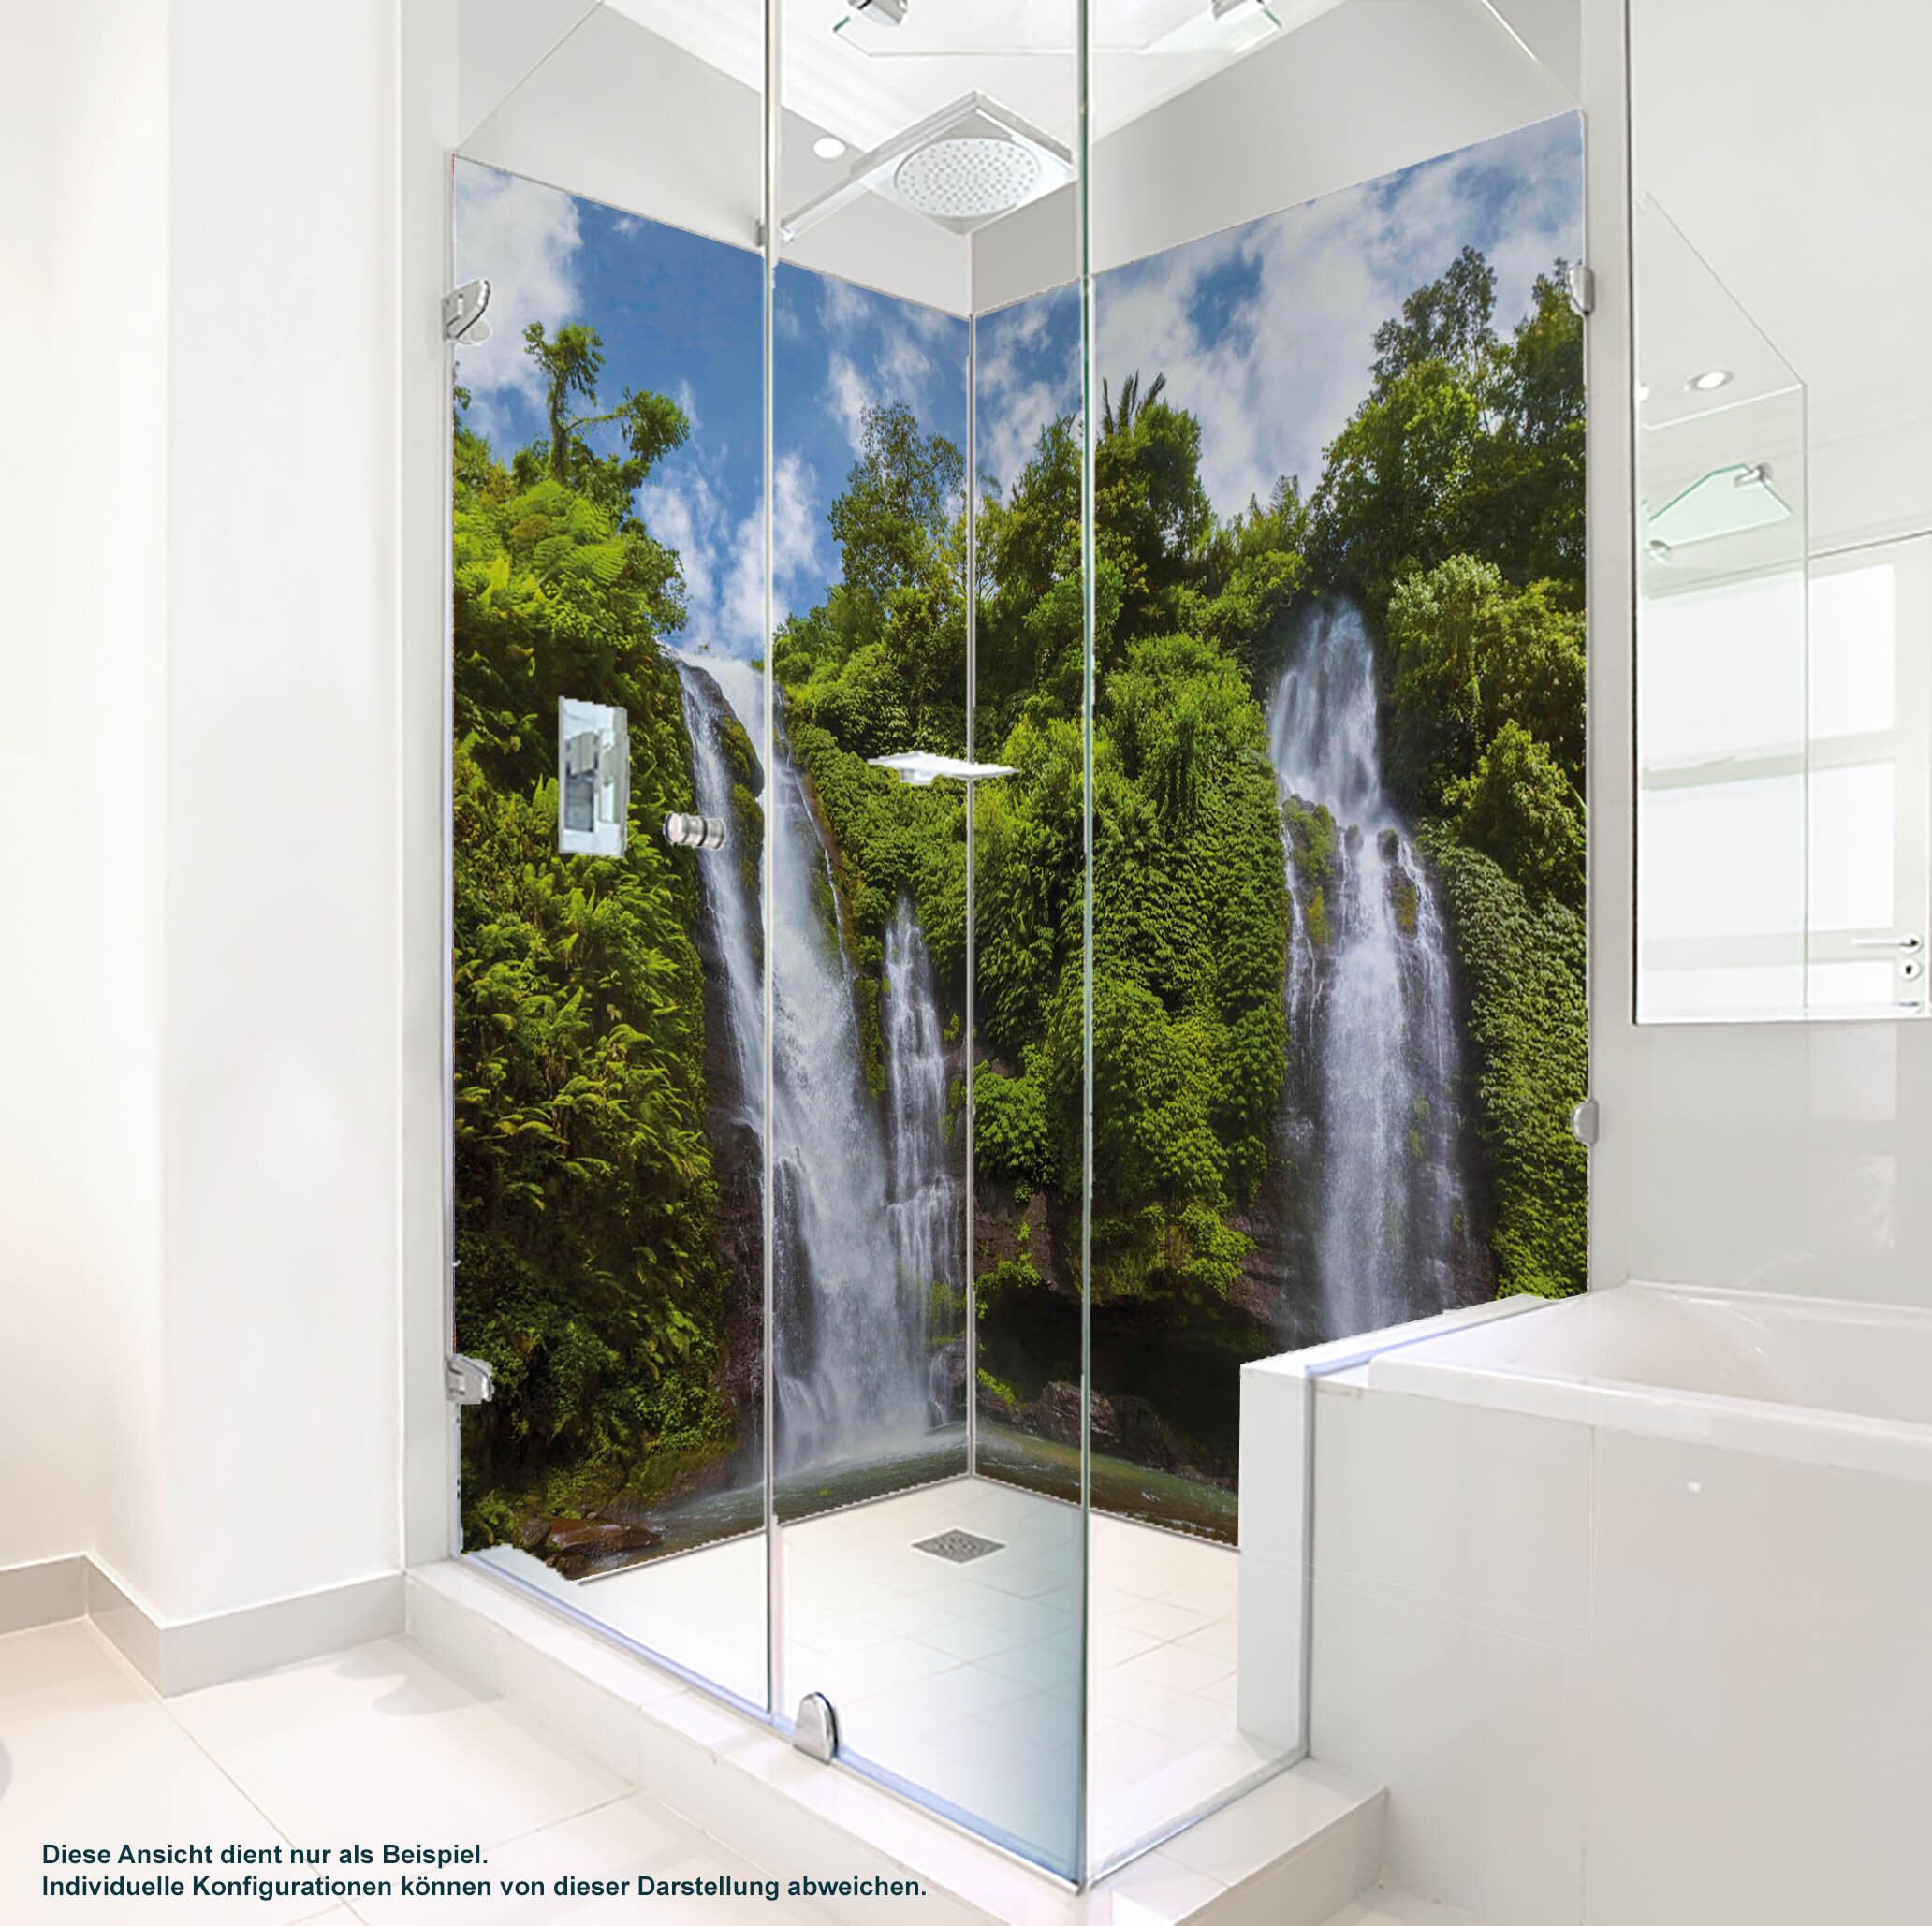 Dusche PlateART Duschrückwand mit Motiv Wald